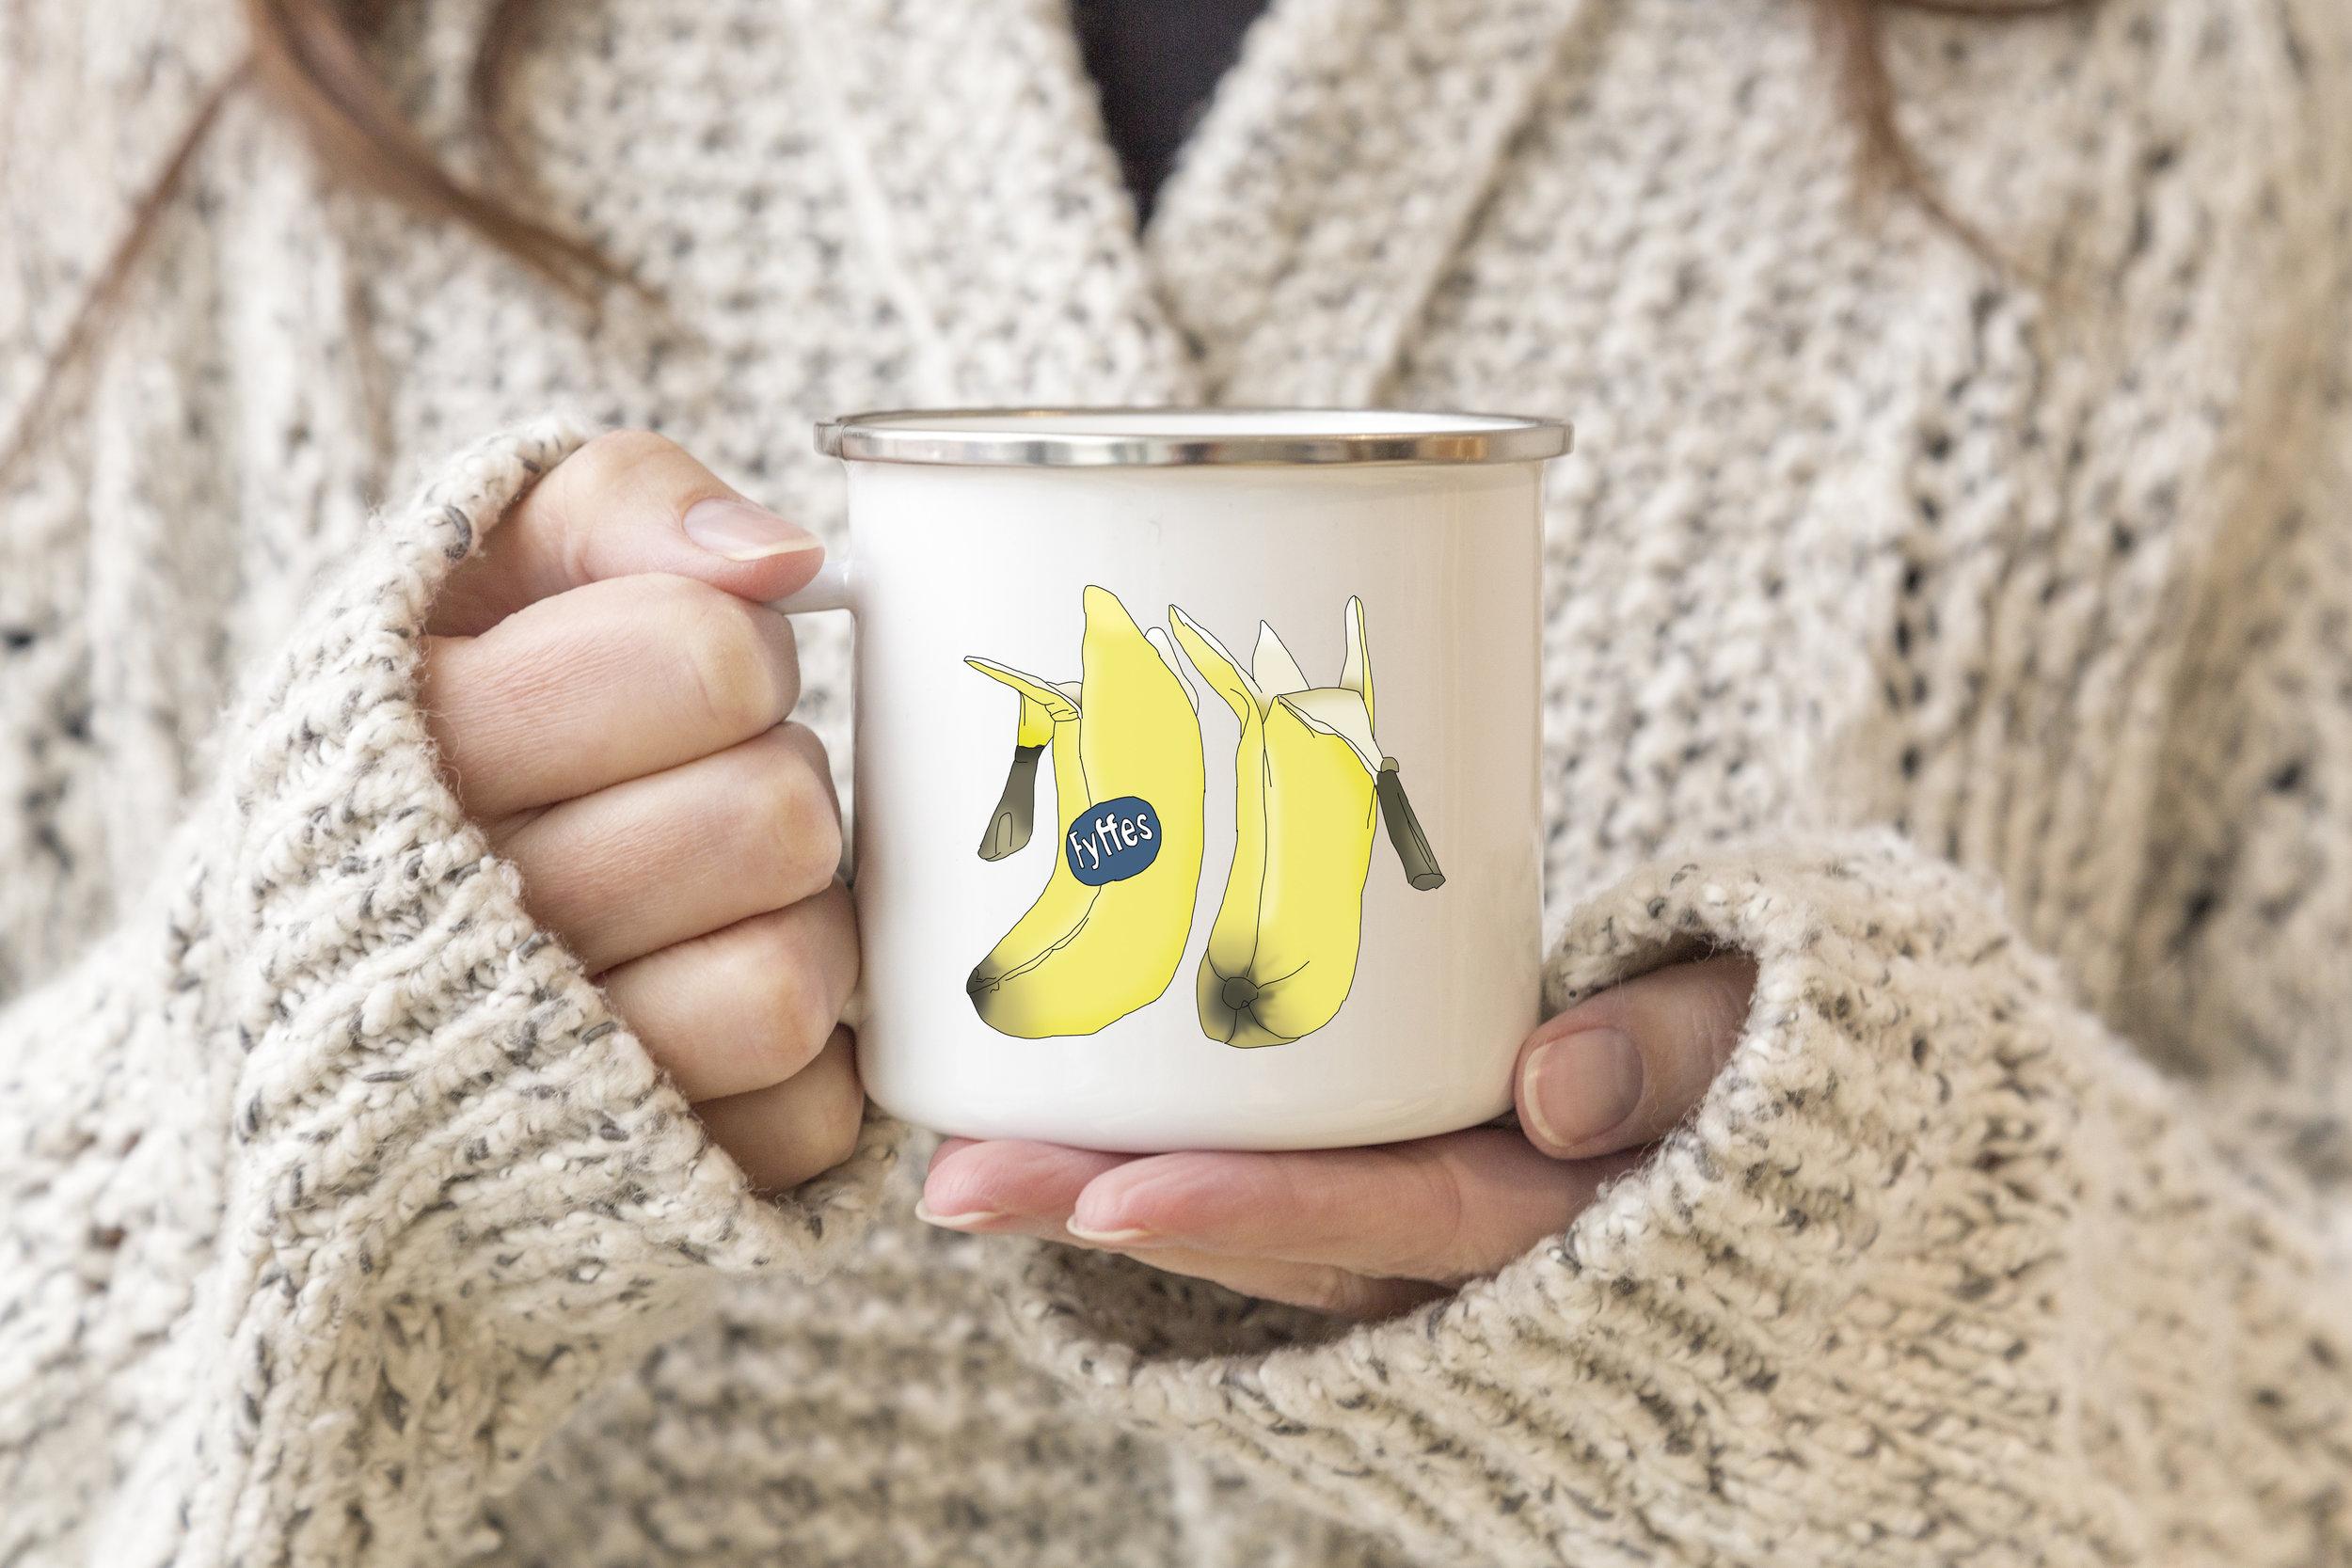 bc banana shoes.jpg